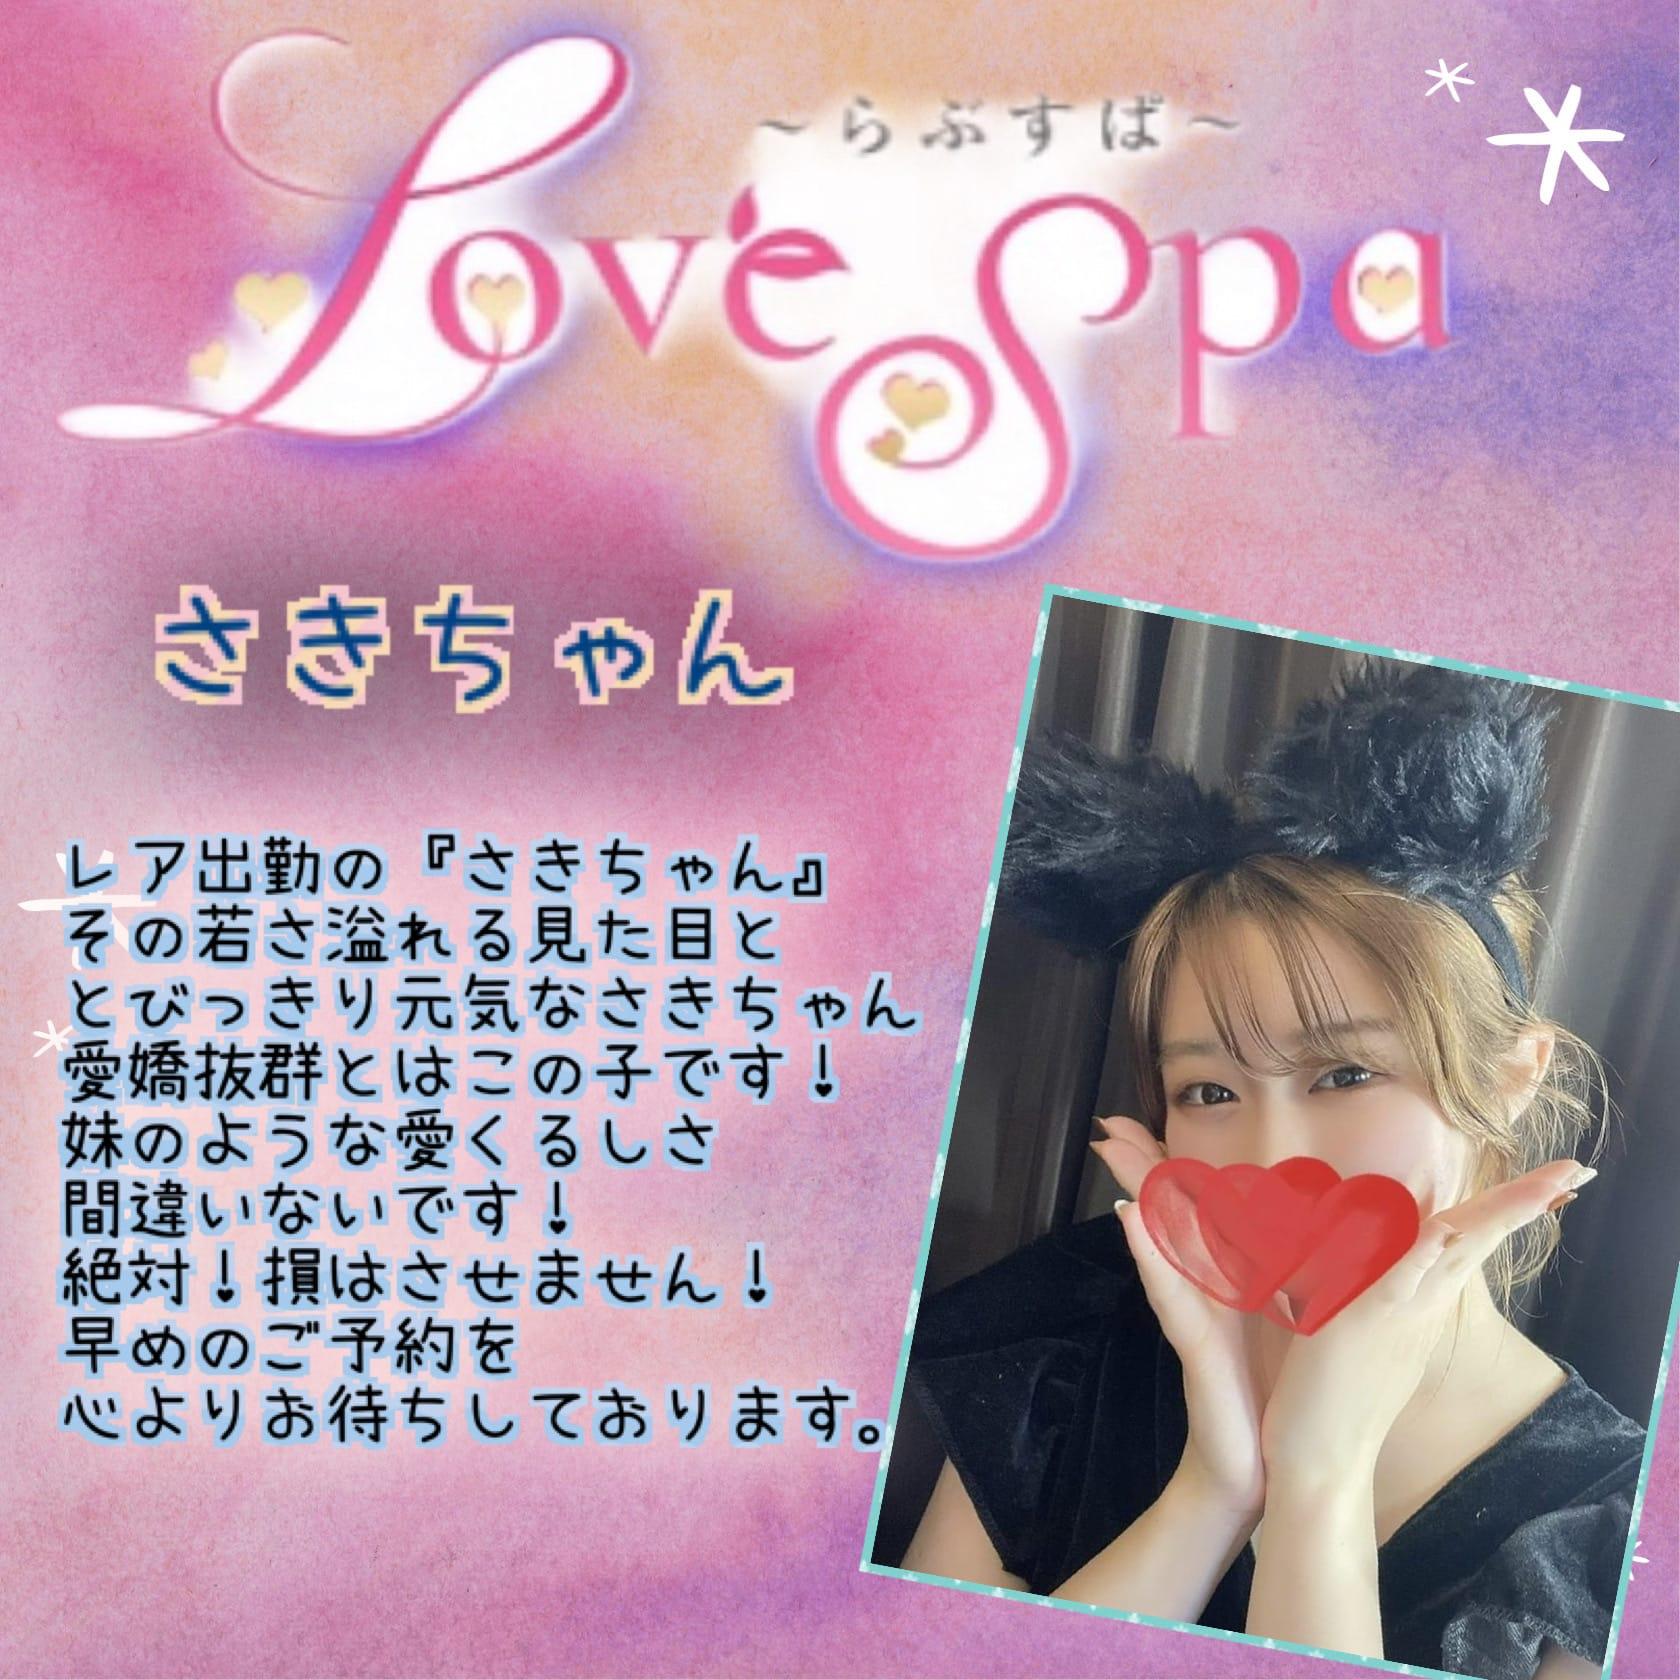 「本日レア出勤の【さきちゃん】‼️」10/16(土) 10:07   LoveSpa ~ラブスパ~の写メ日記